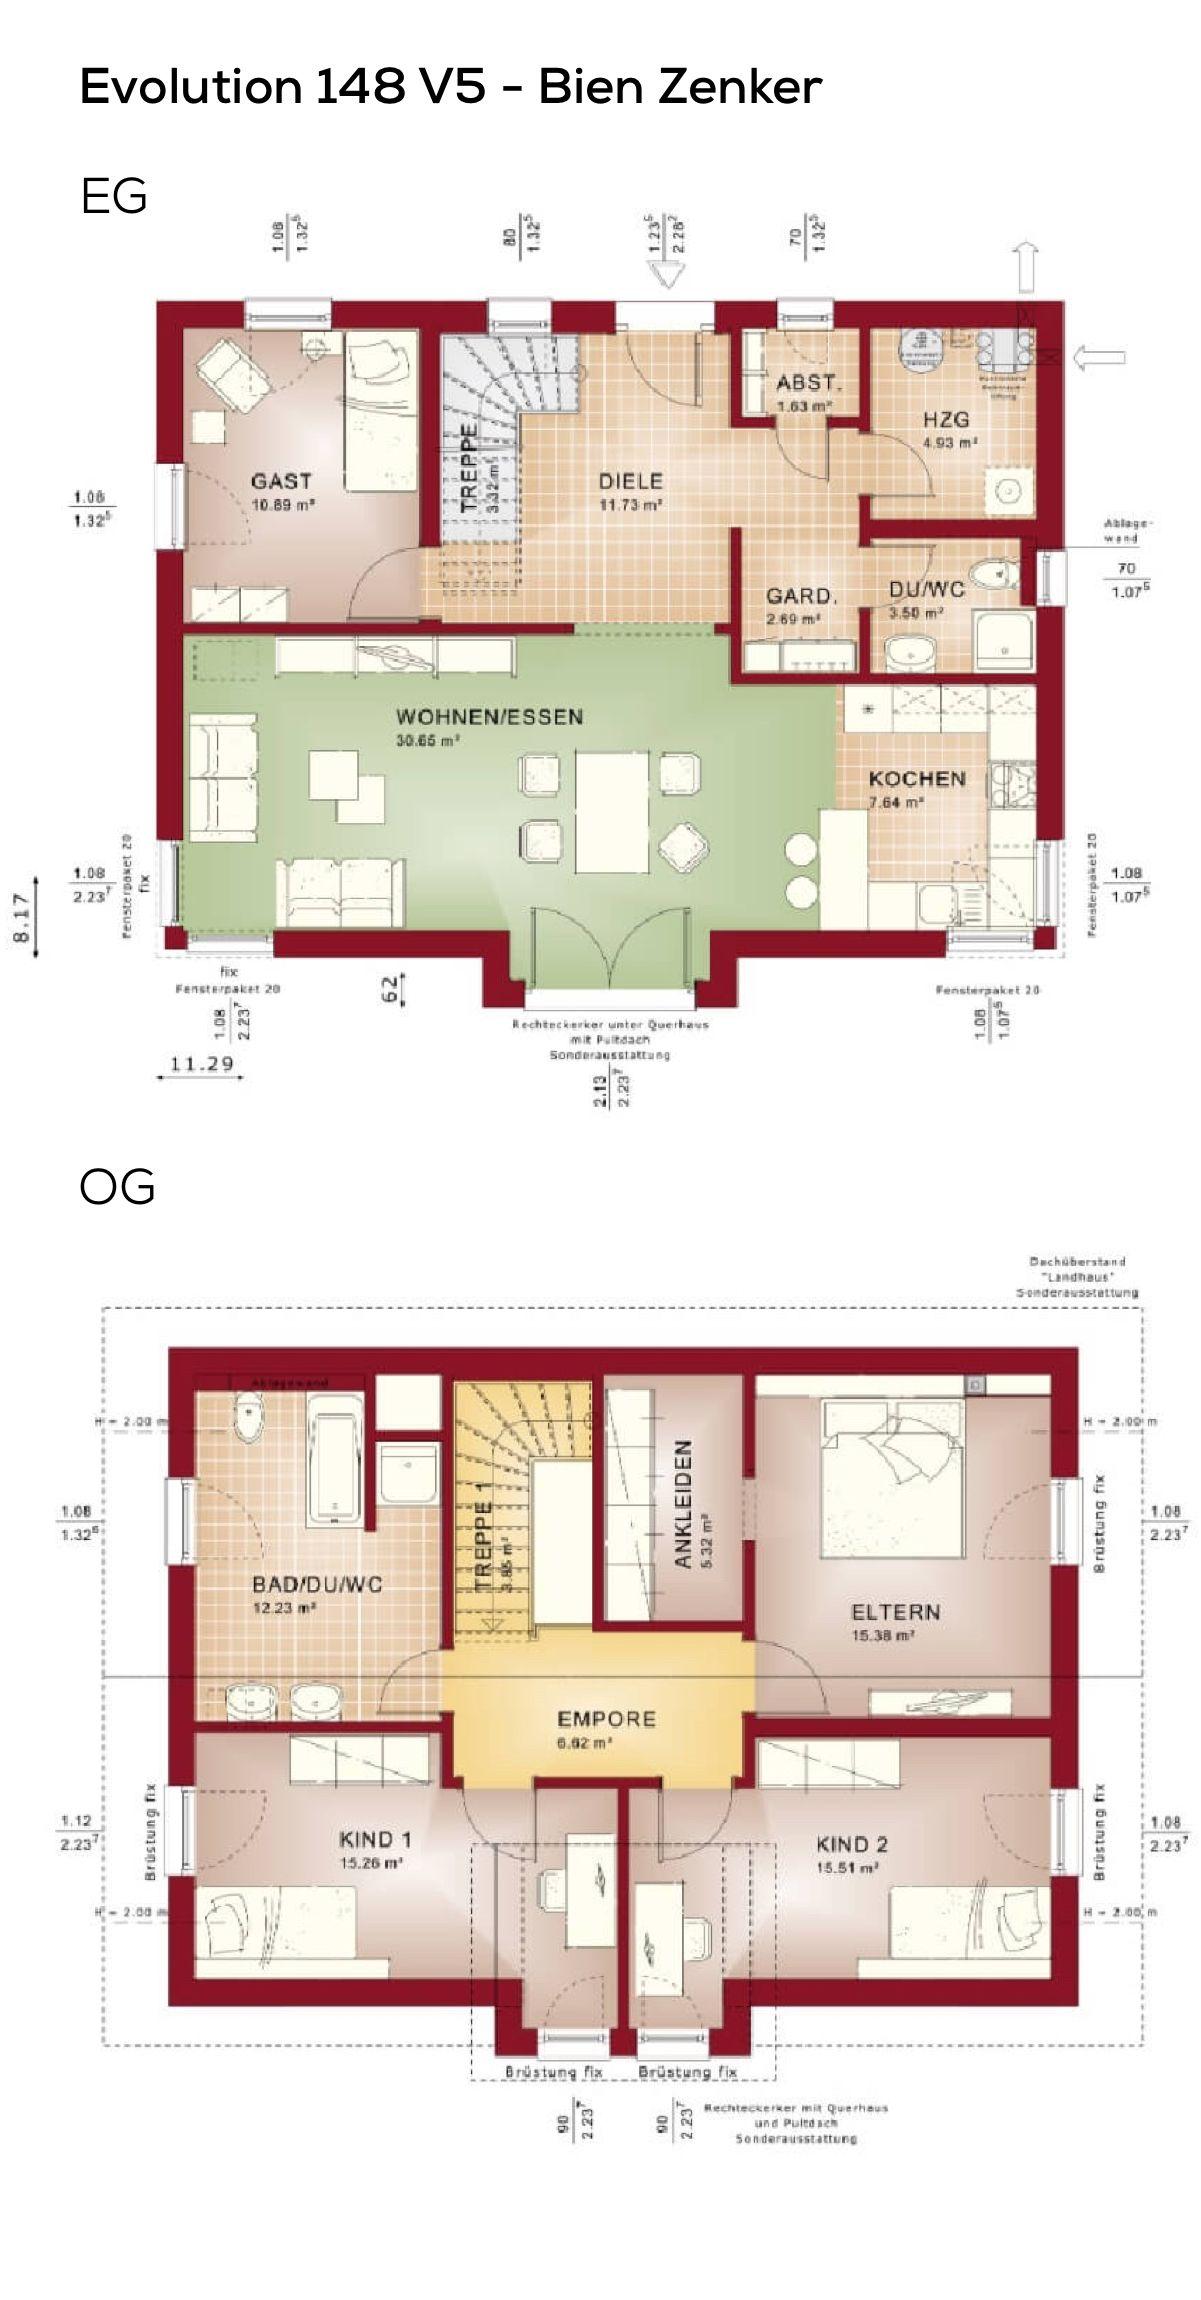 Grundriss Einfamilienhaus mit Satteldach Architektur ...